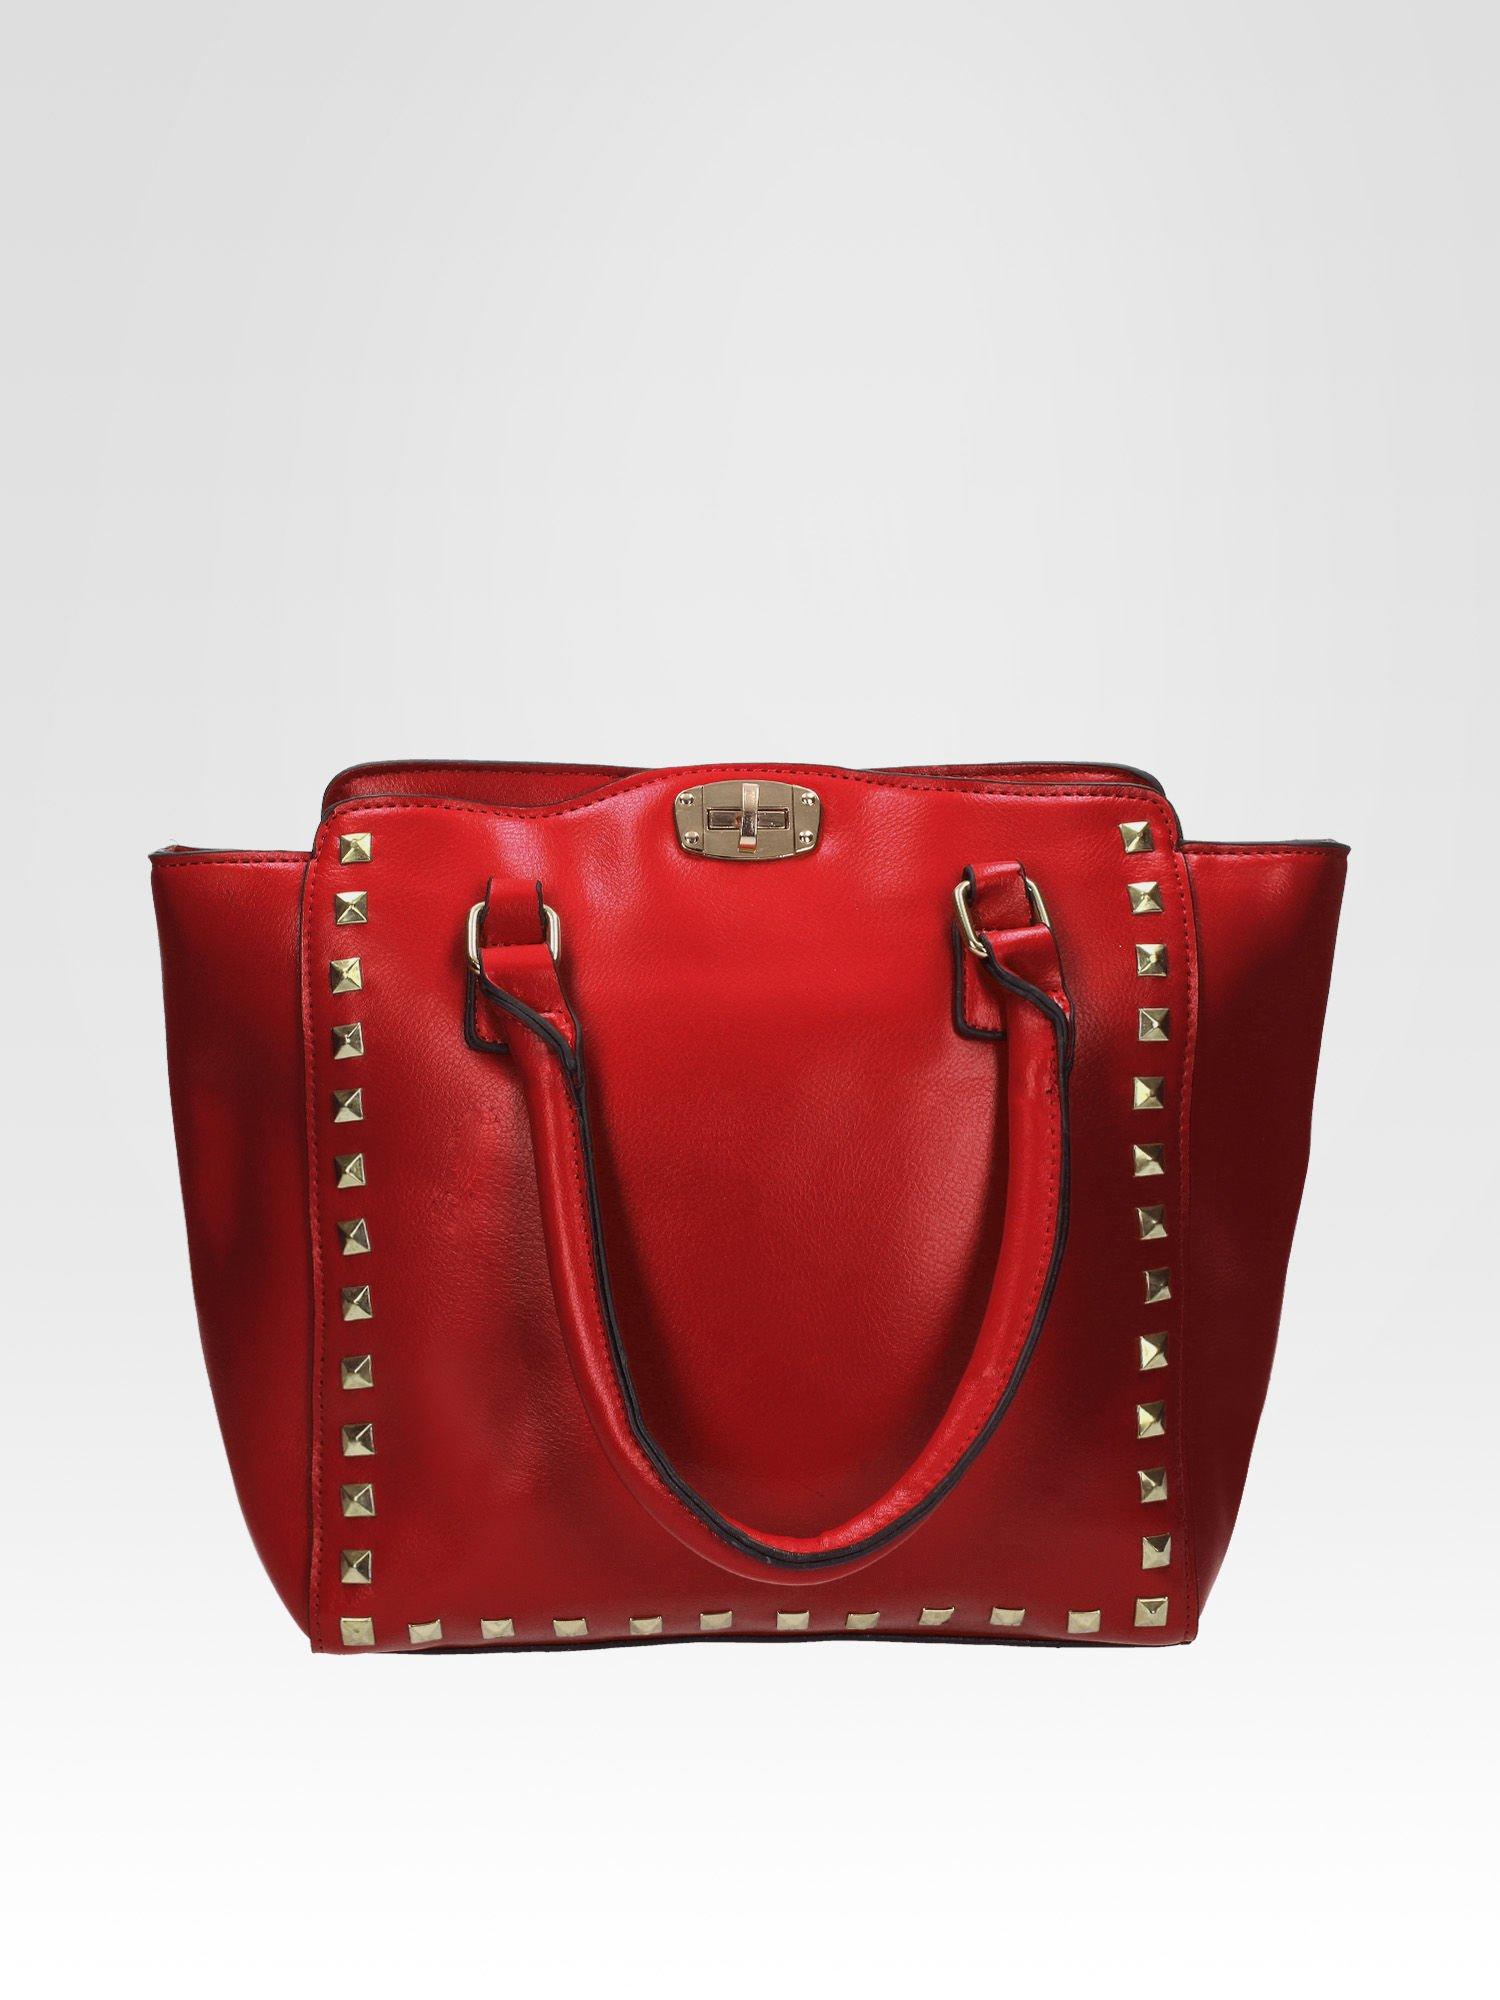 Czerwona torebka na ramię z dżetami                                  zdj.                                  1